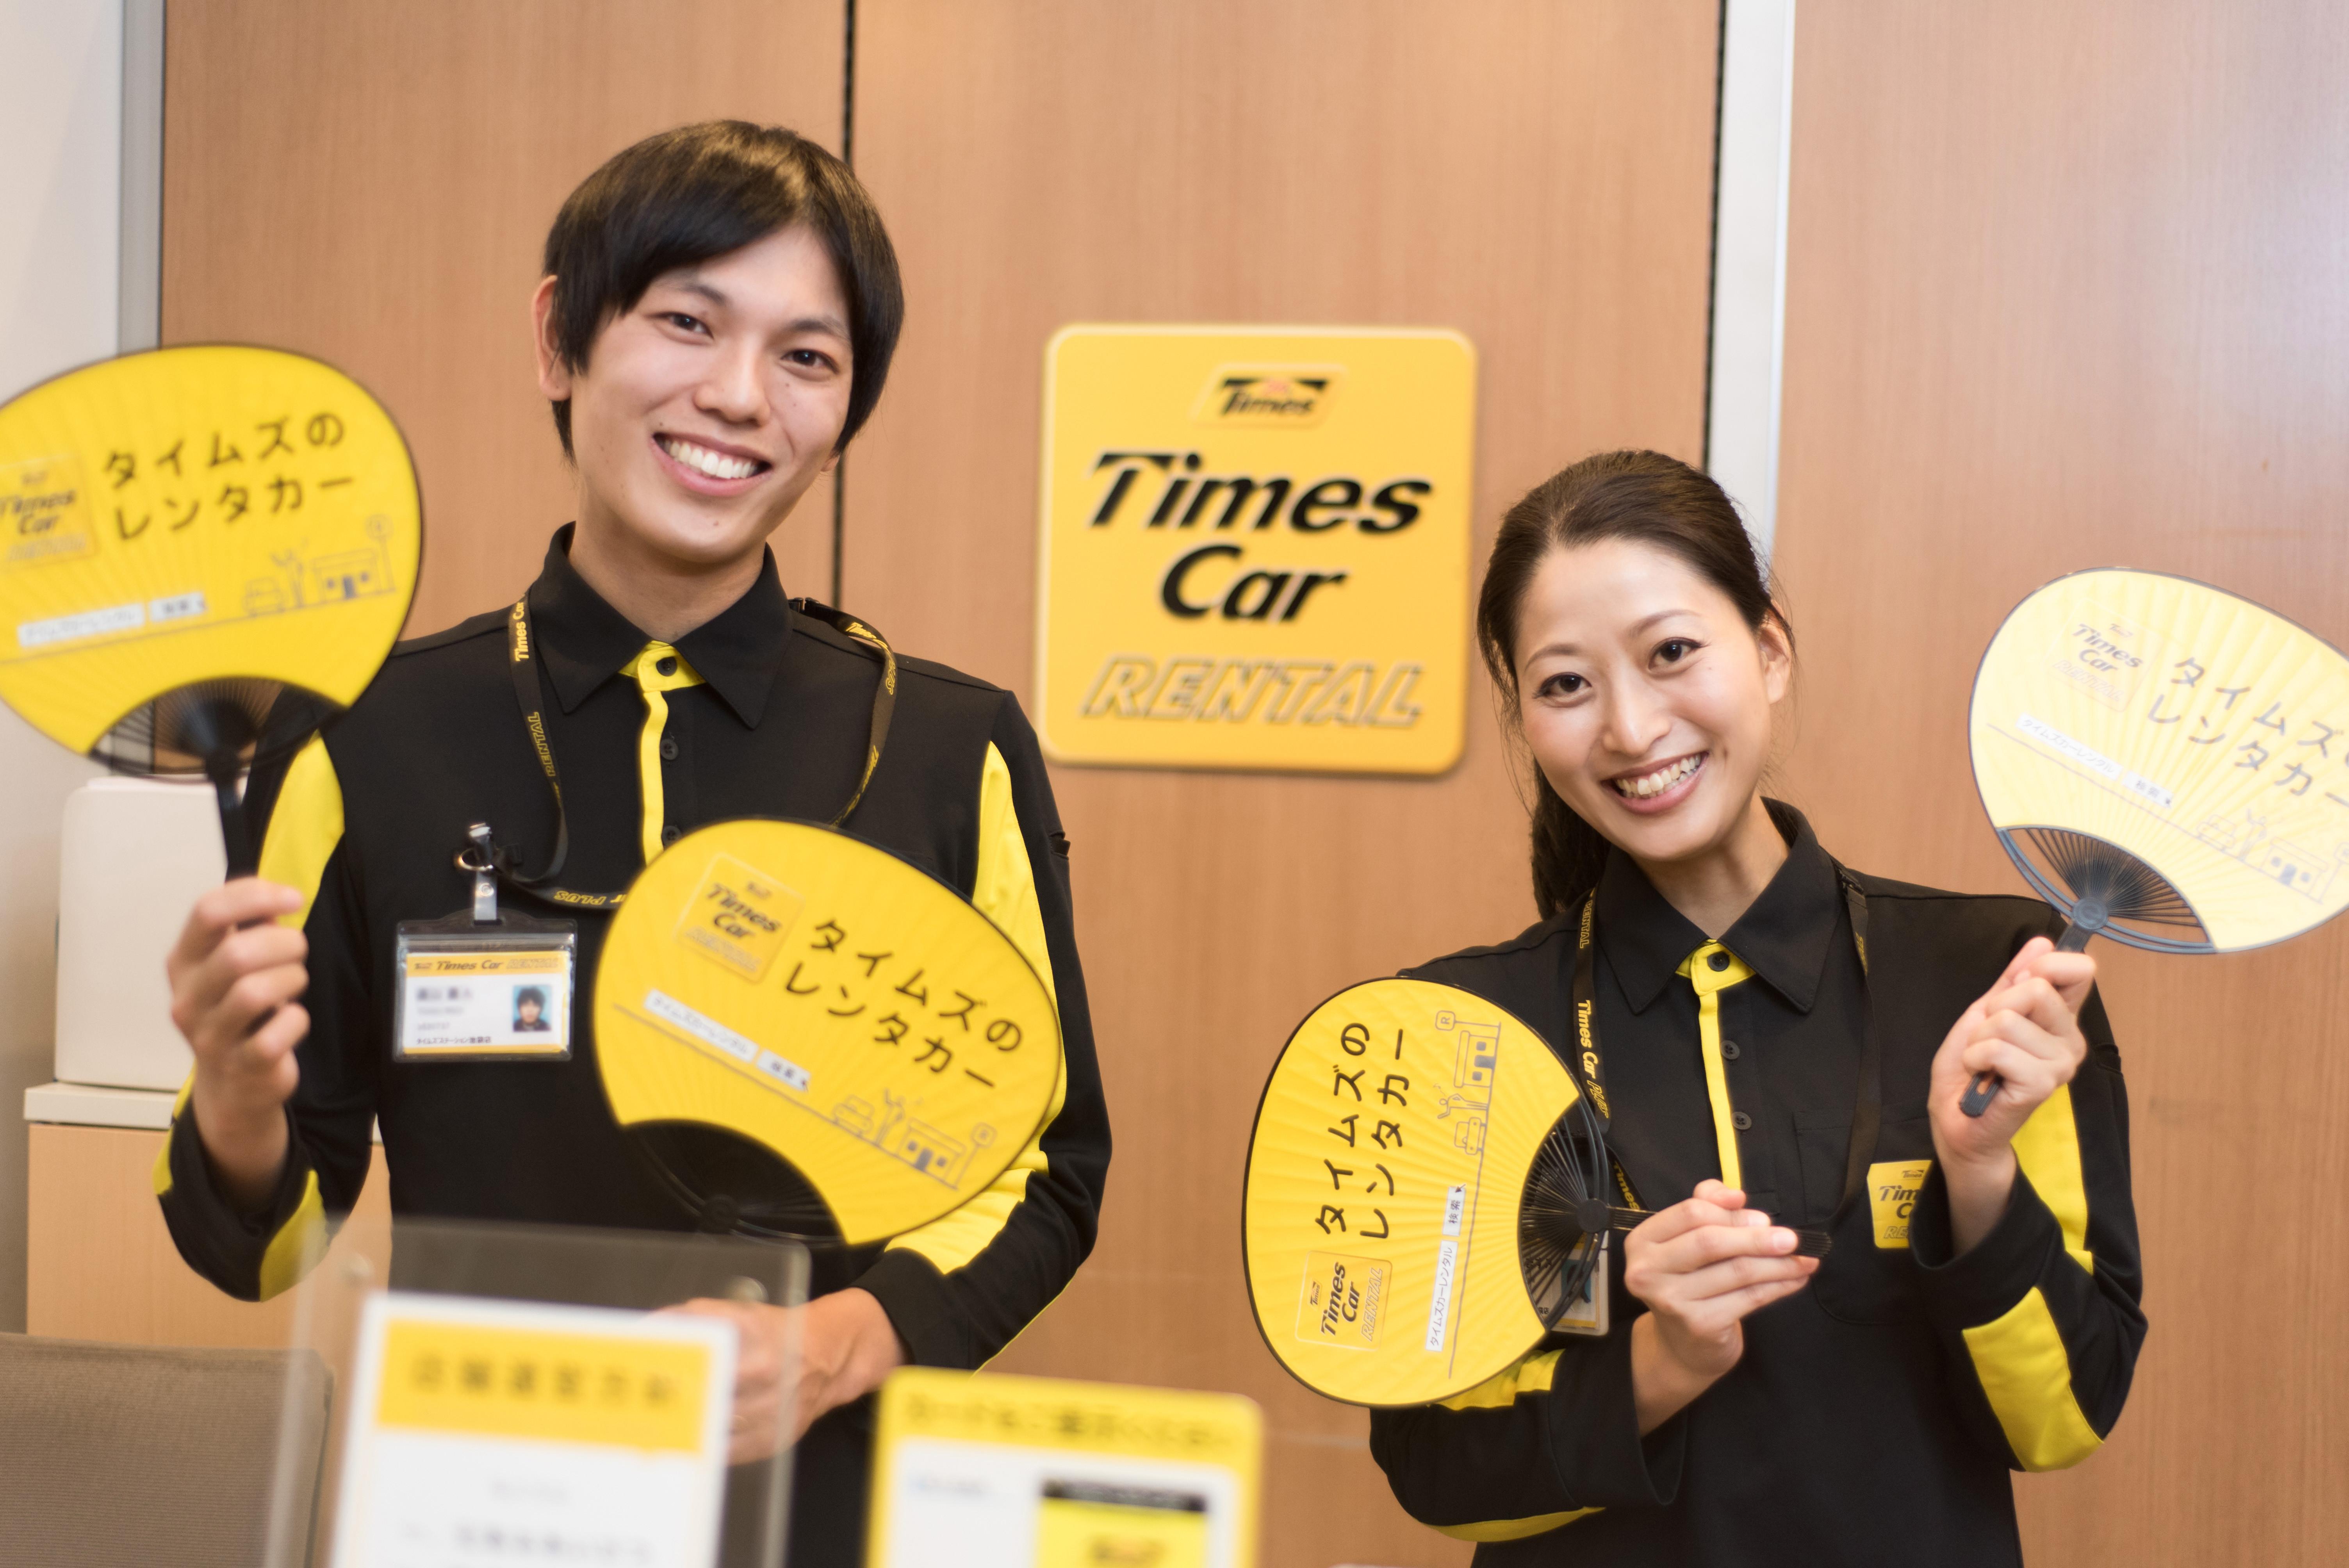 タイムズカーレンタル 名古屋伏見 のアルバイト情報